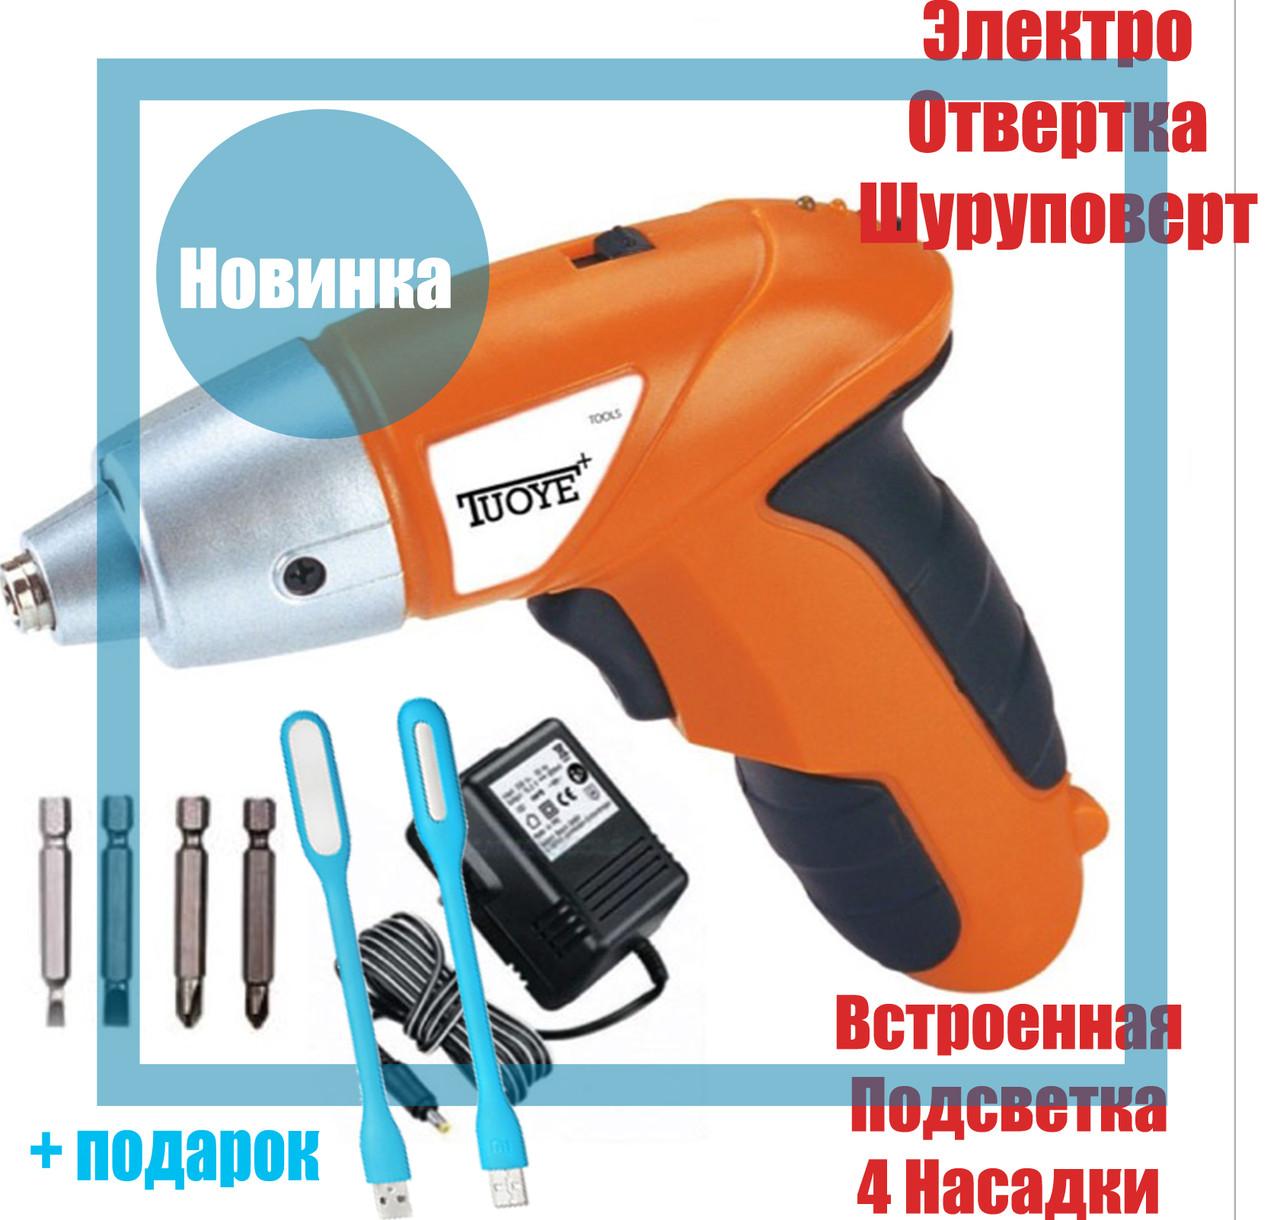 Беспроводной шуруповерт Tuoye cardless screw, электроотвертка